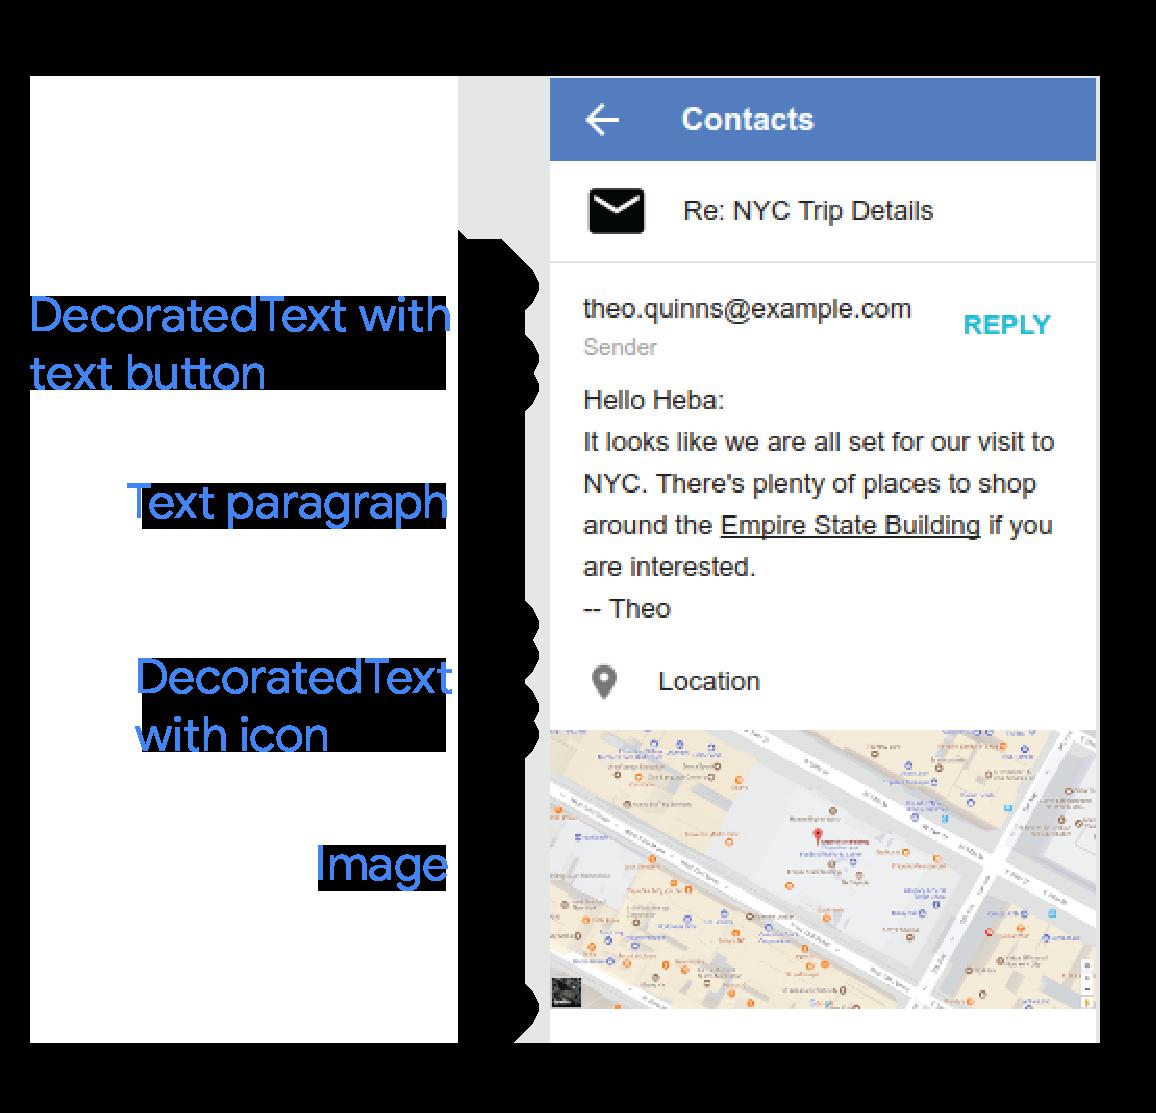 Informational widgets